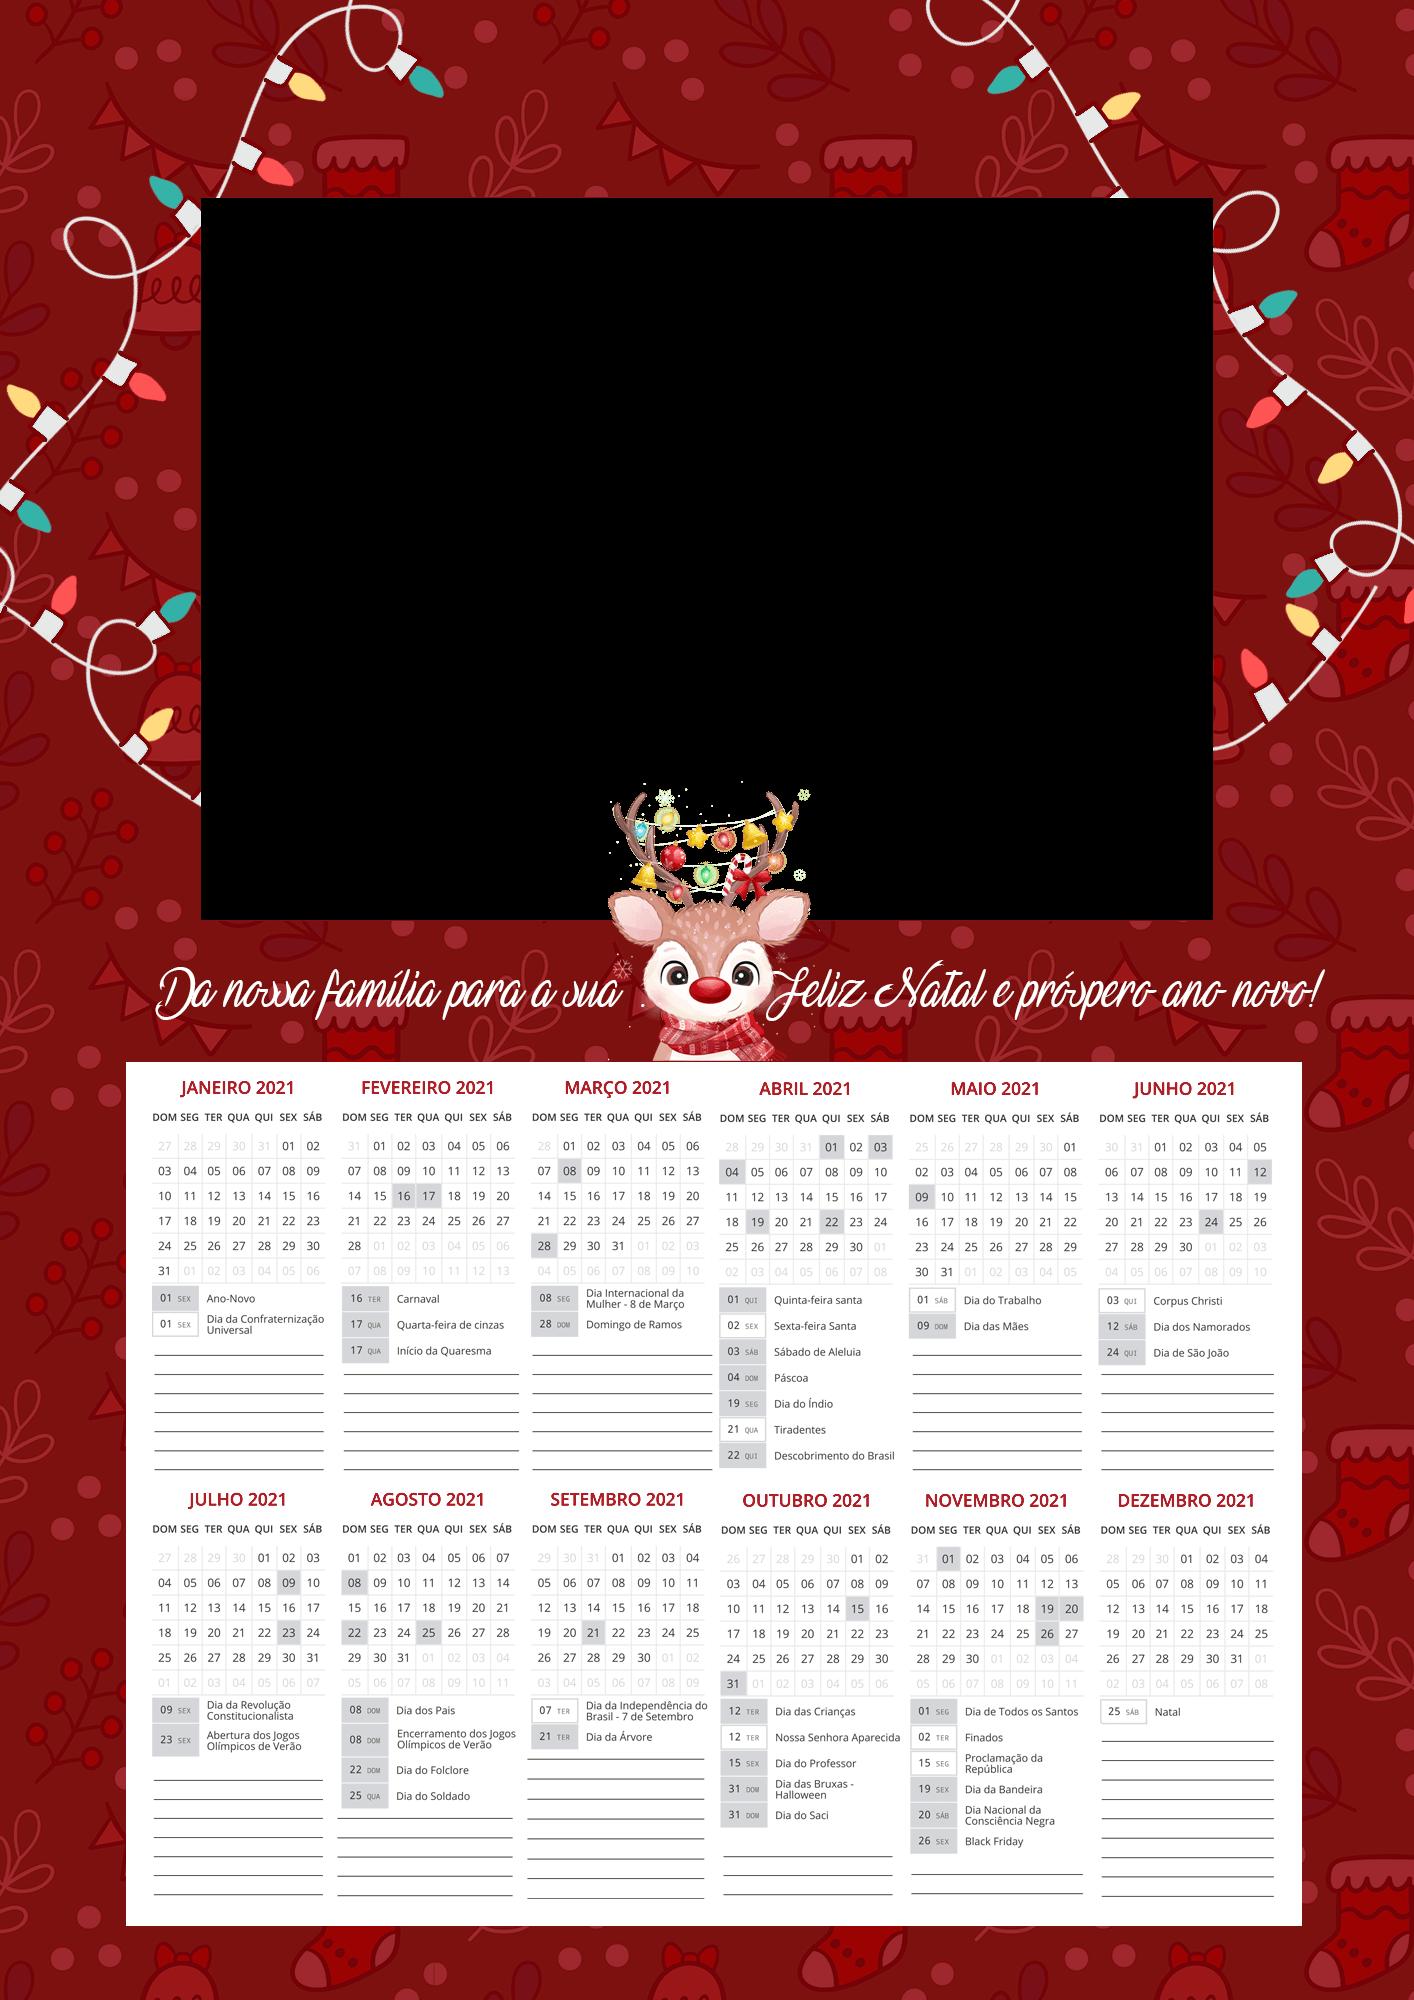 Calendario 2021 Personalizado com foto de Natal 3